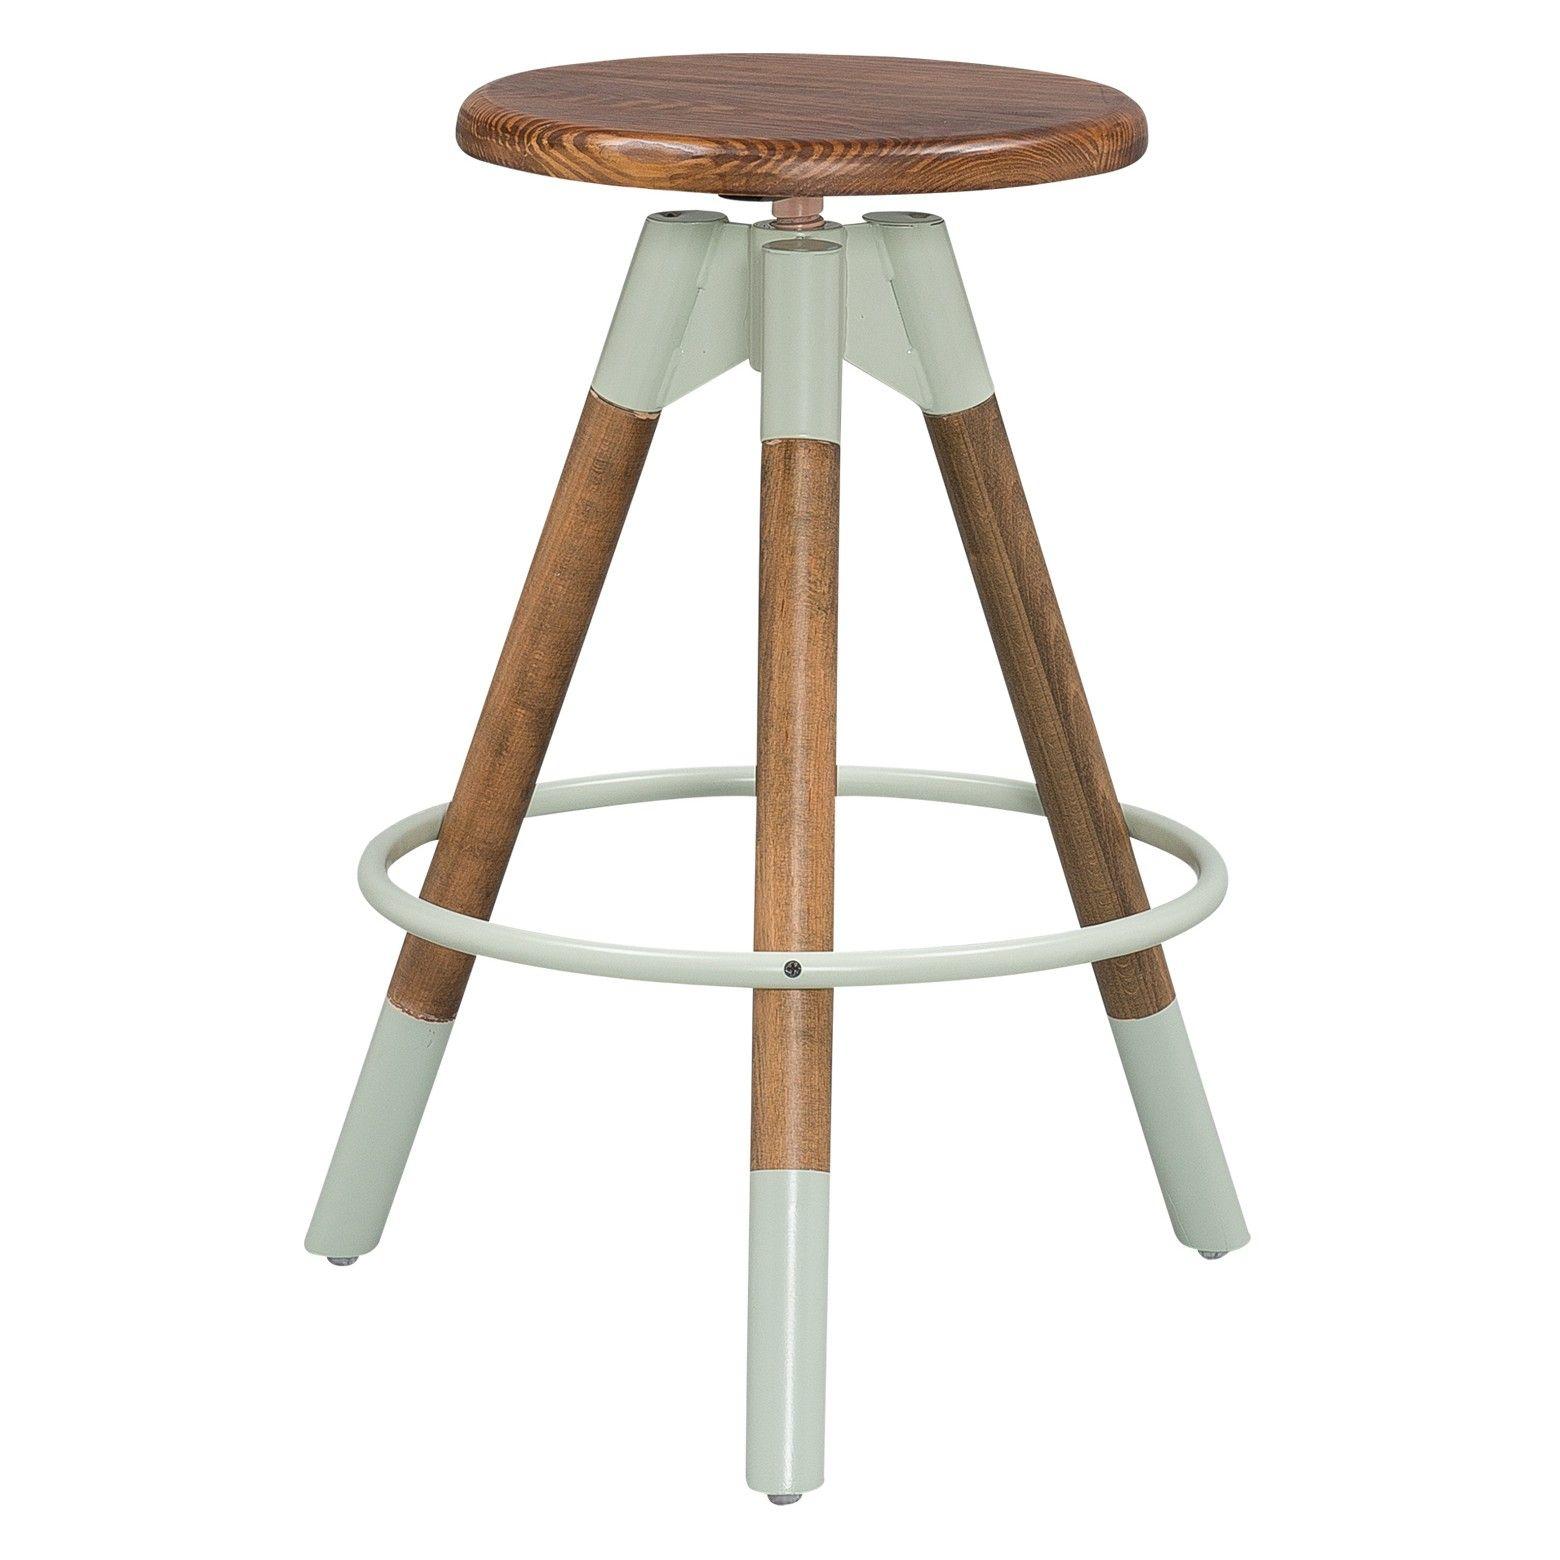 Adjustable Wood Stool - Dipped Legs (Set of 2) - Sage & Pine ...